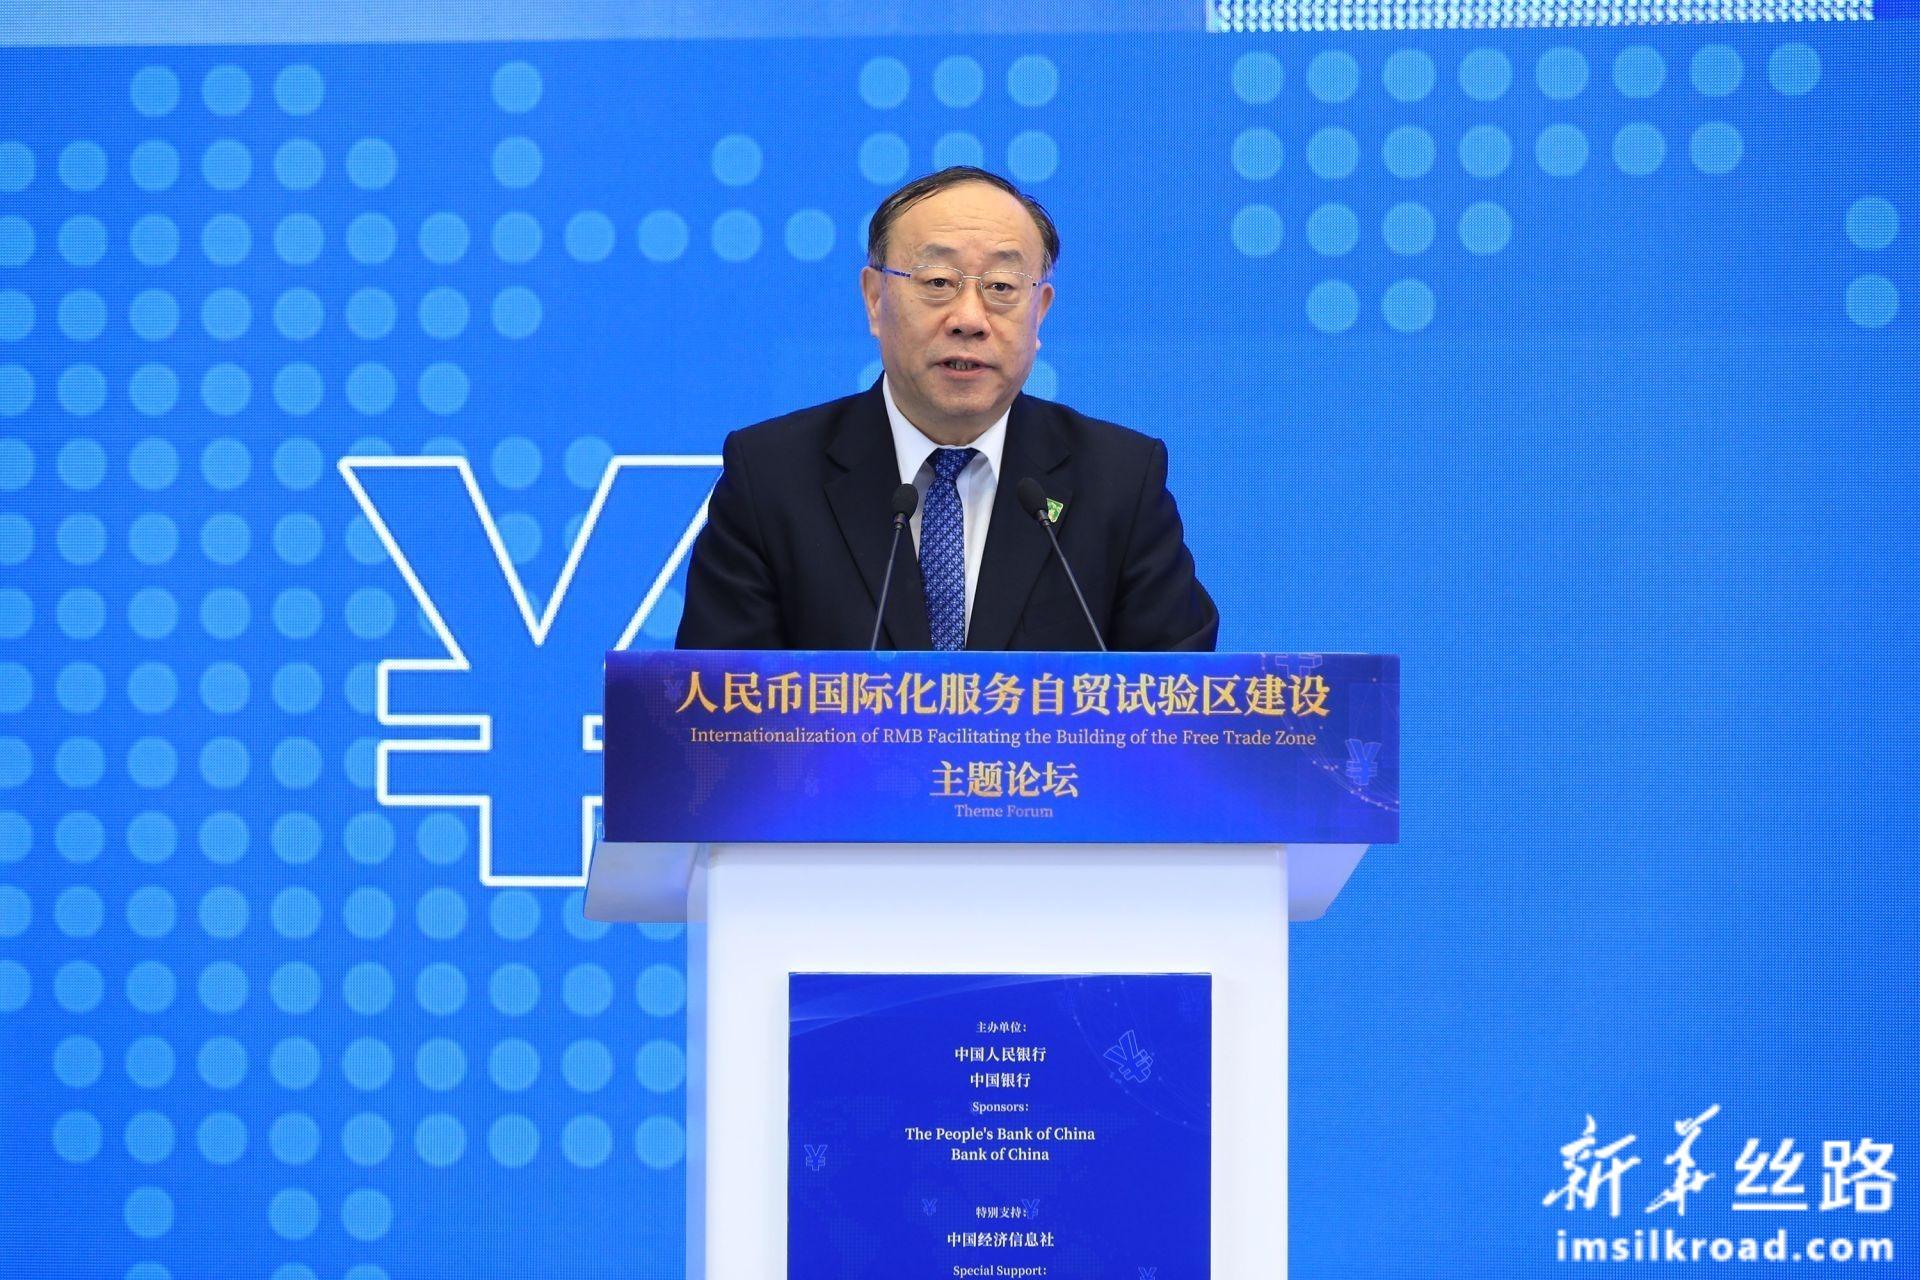 """在""""人民币国际化服务自贸试验区建设""""主题论坛上,商务部王炳南副部长致辞"""